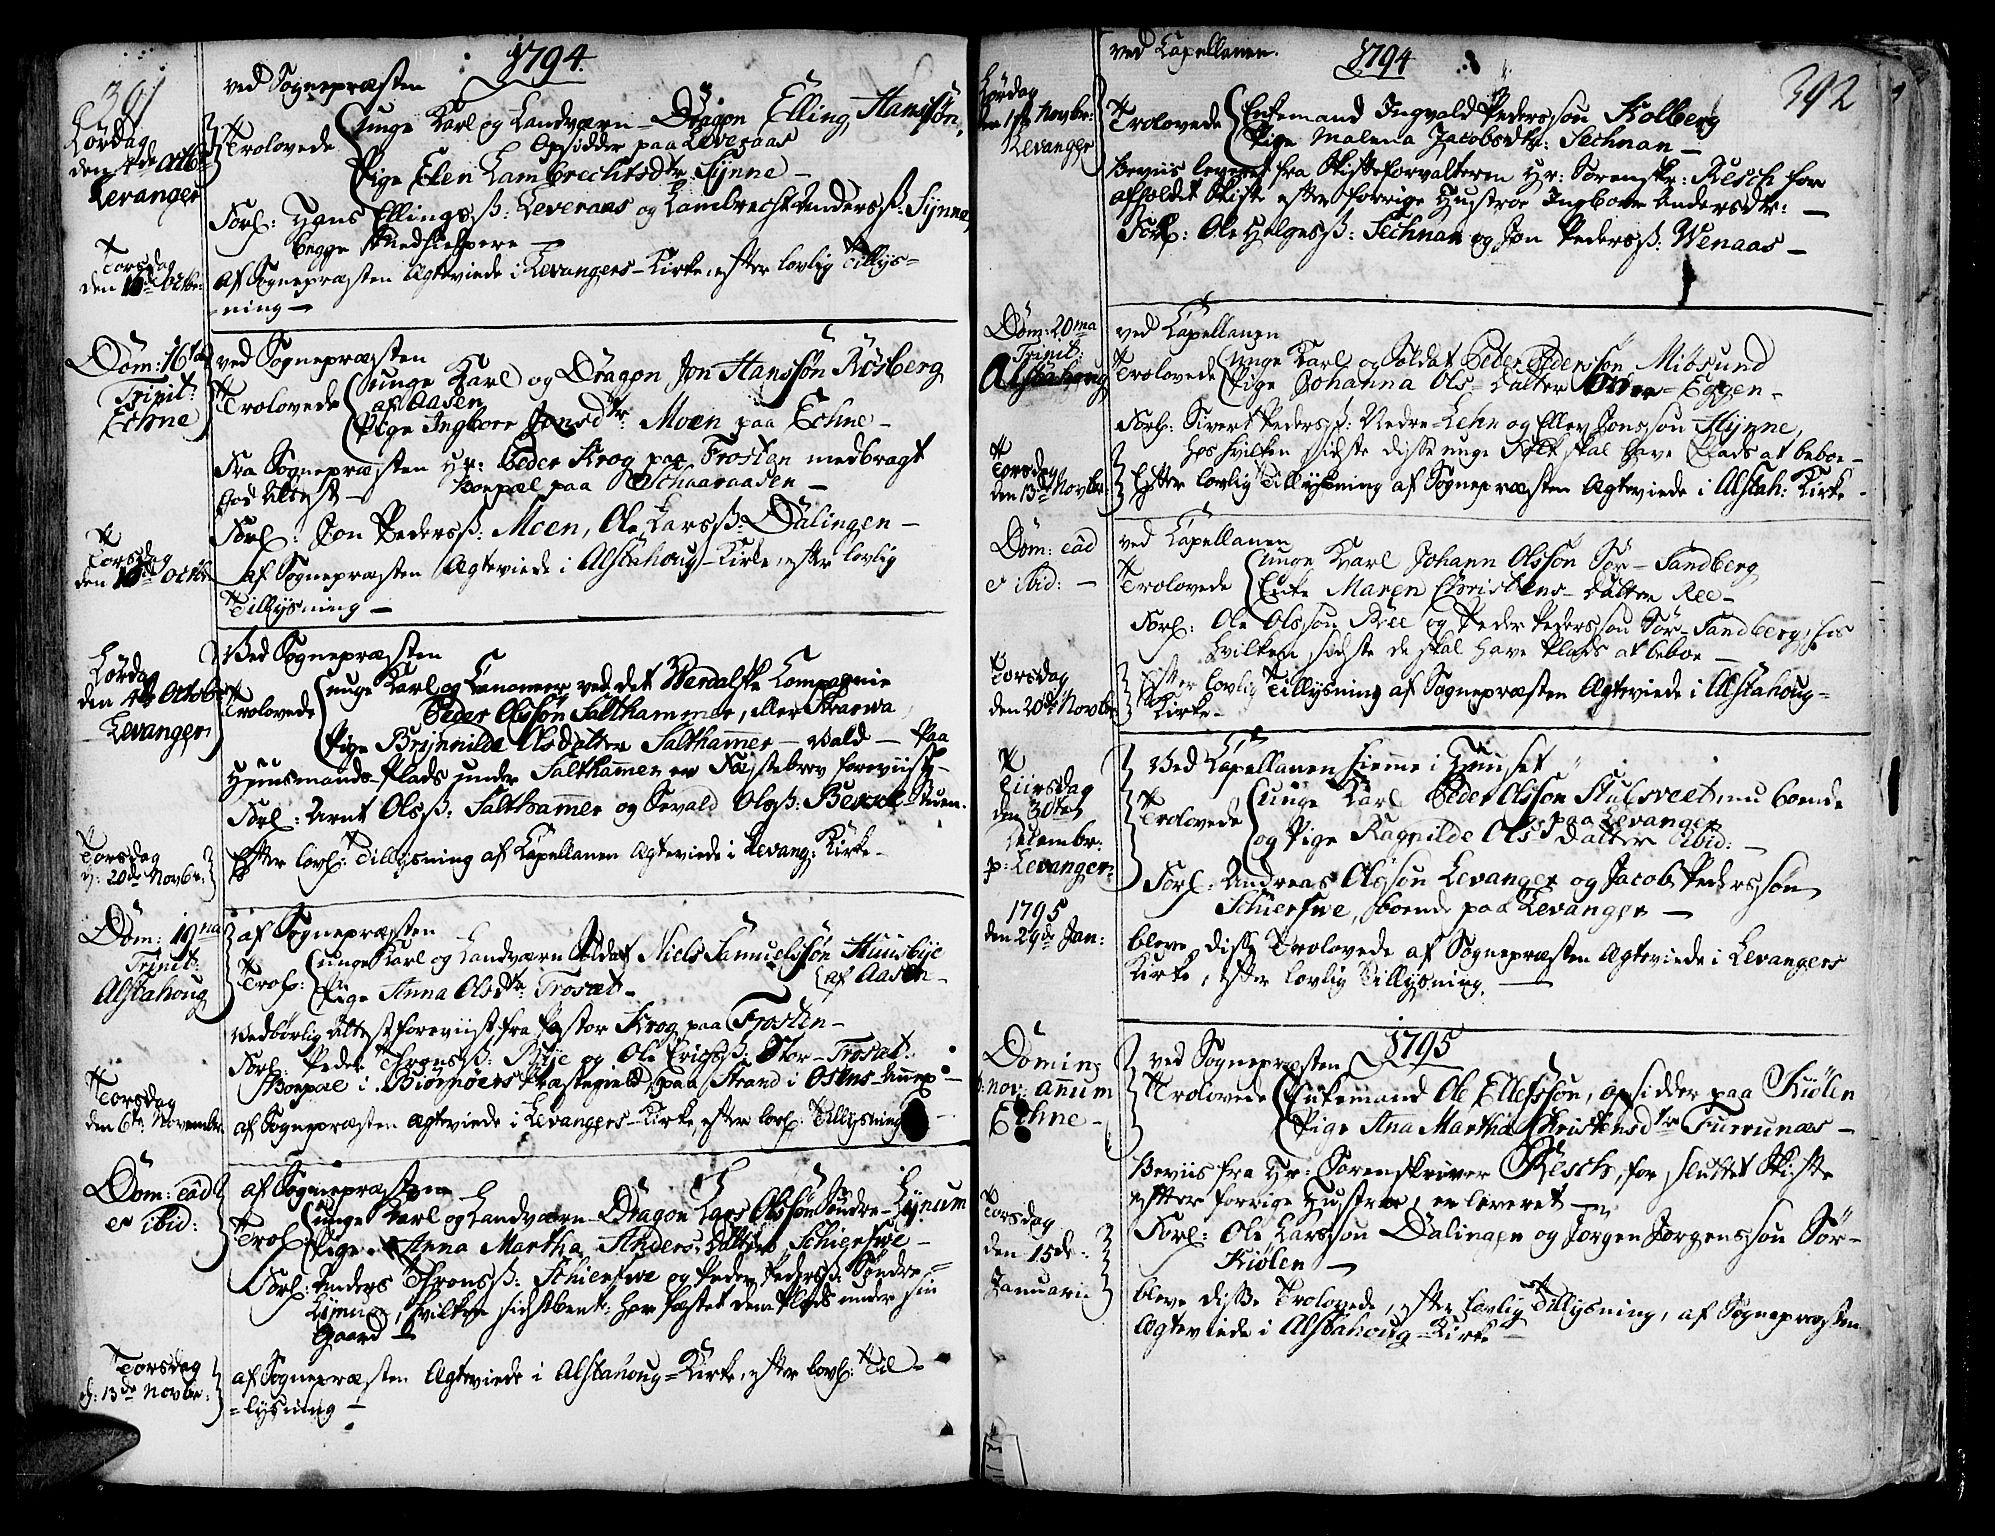 SAT, Ministerialprotokoller, klokkerbøker og fødselsregistre - Nord-Trøndelag, 717/L0141: Ministerialbok nr. 717A01, 1747-1803, s. 391-392